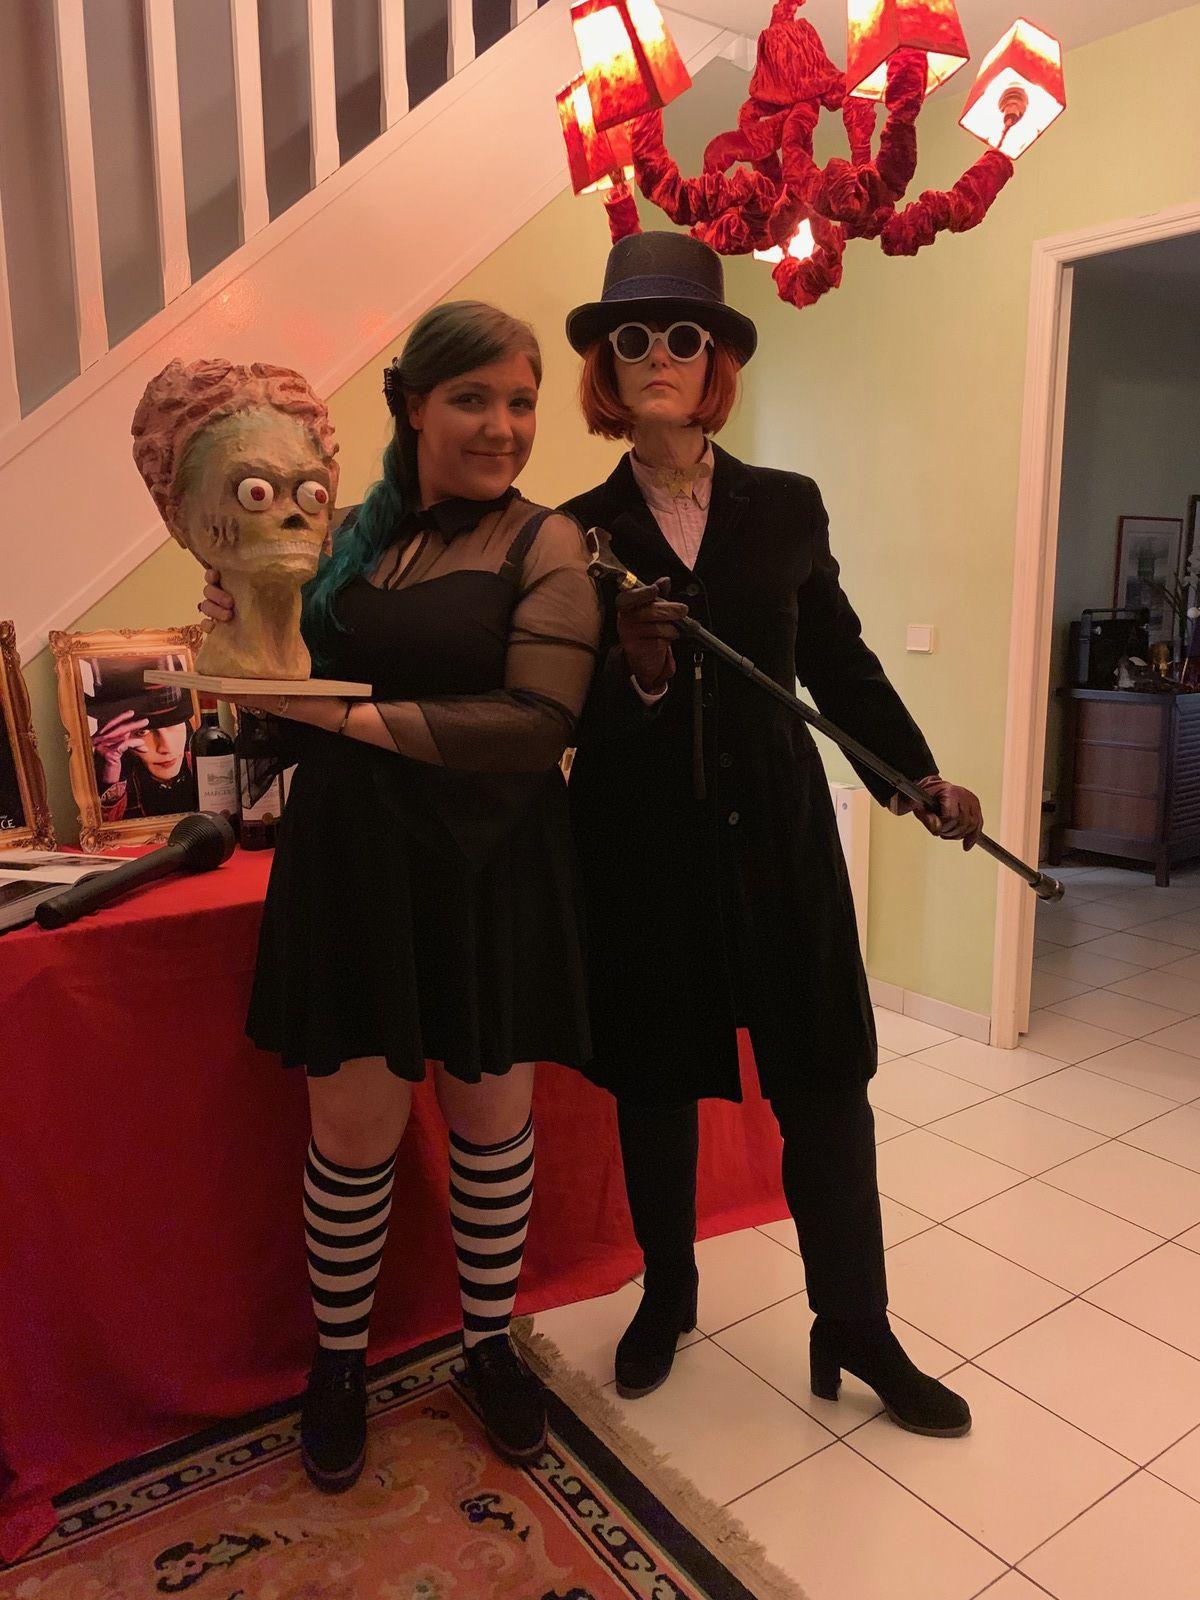 Charlie et la Chocolaterie ! Votre serviteur Wonka en personne... la tablette de chocolat se cacher derrière les sucettes. Avez-vous remarqué ?